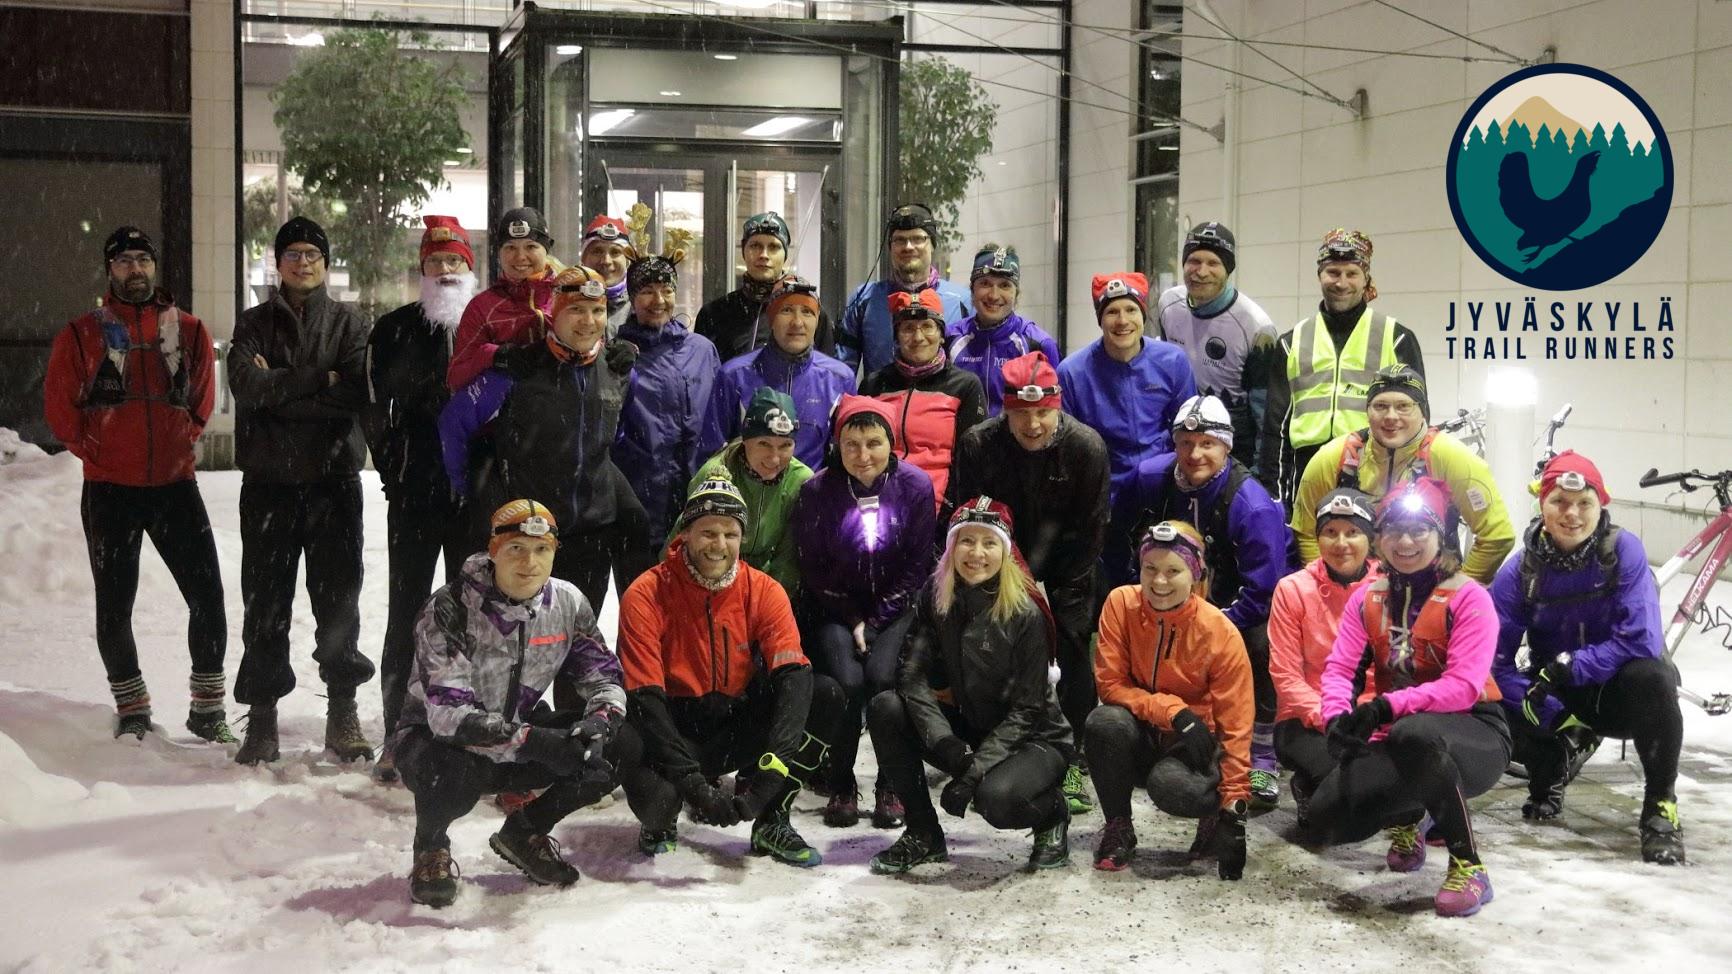 Polkujuoksuseuran esittely: Jyväskylä Trail Runners